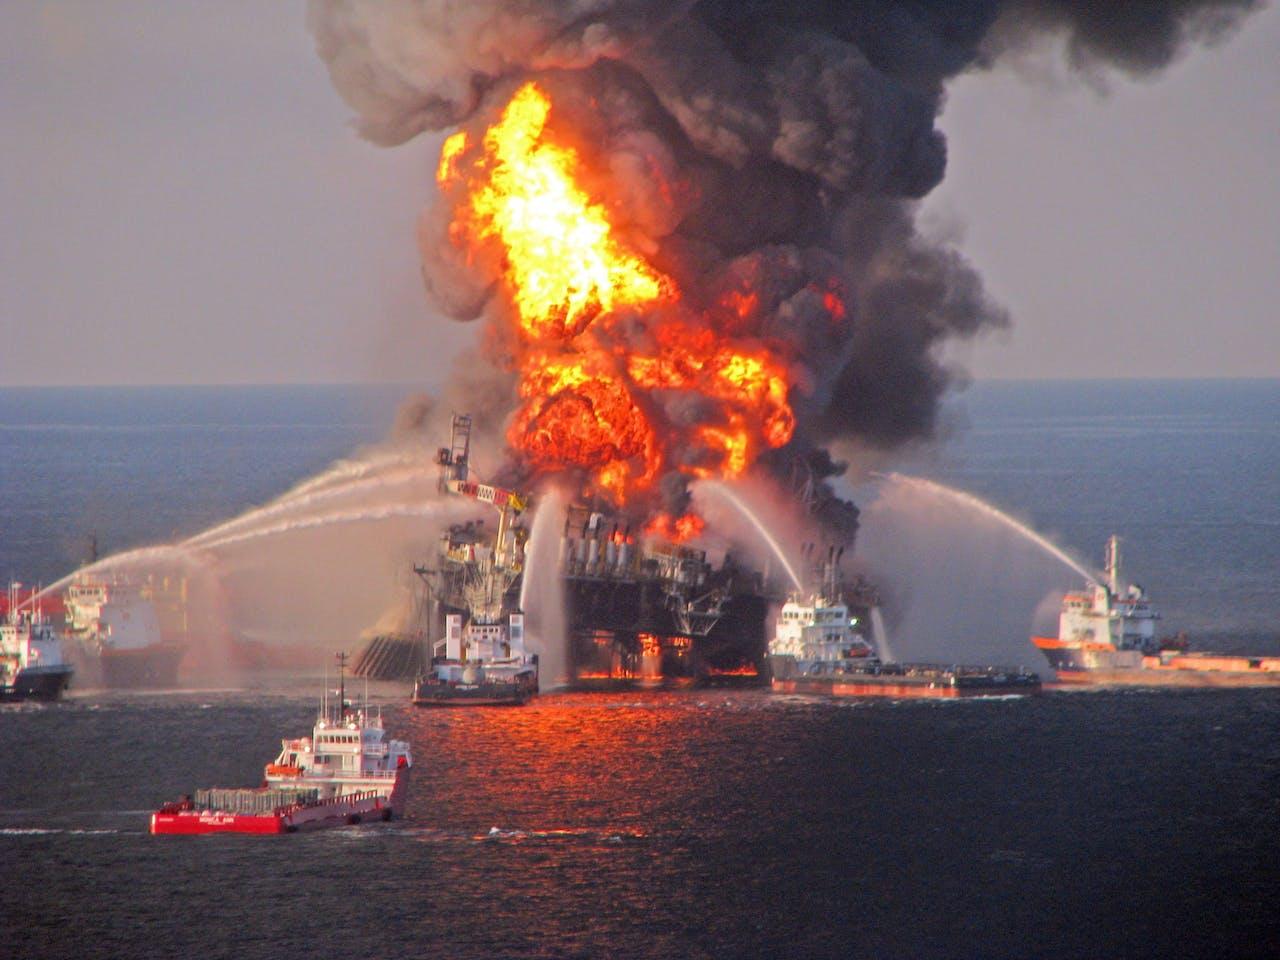 De Deepwater Horizon veroorzaakte in 2010 een milieuramp. EPA/US COAST GUARD